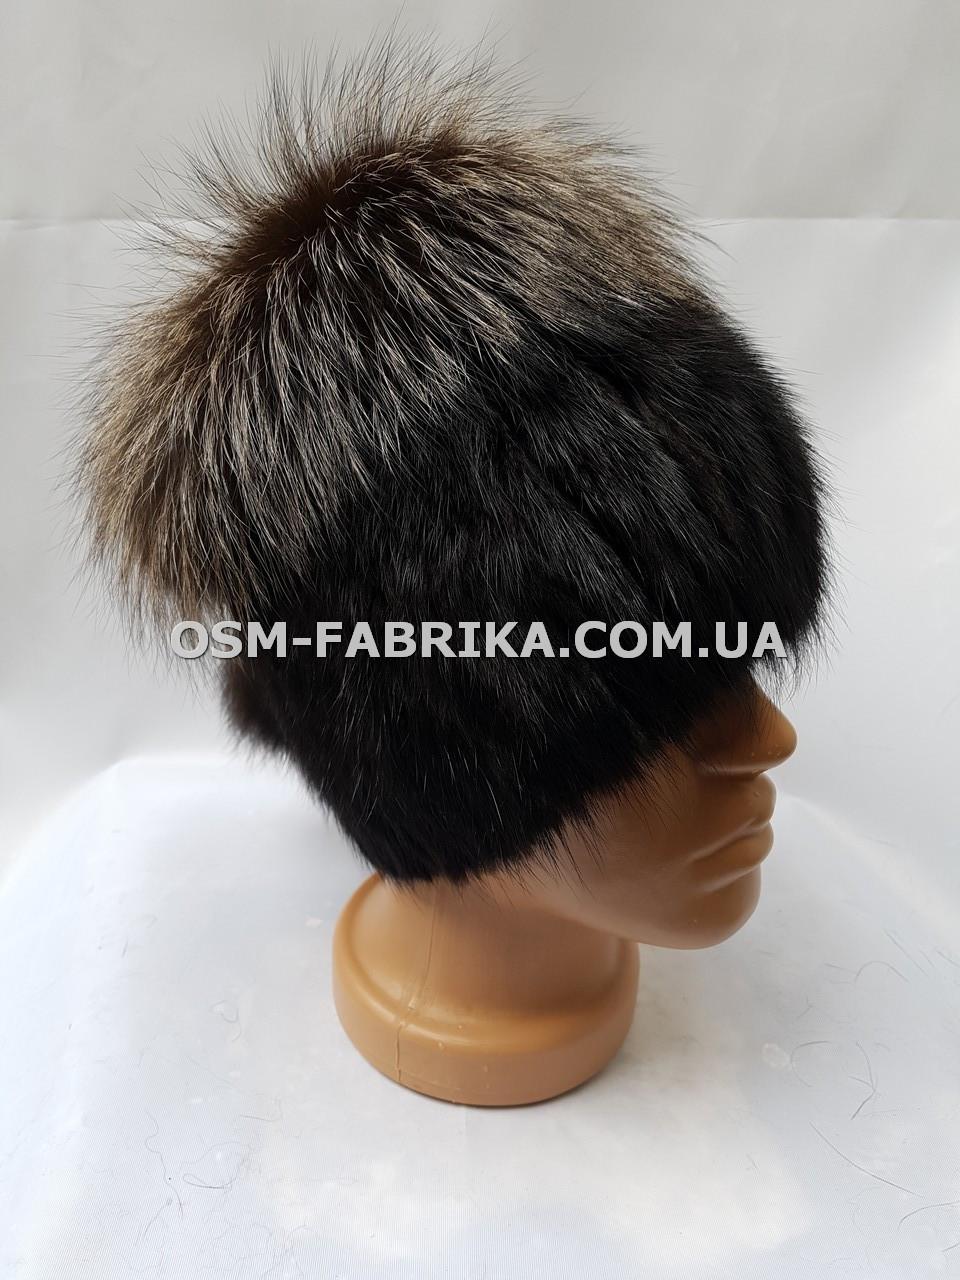 Теплая меховая шапка для женщин чернобурка оптом и в розницу